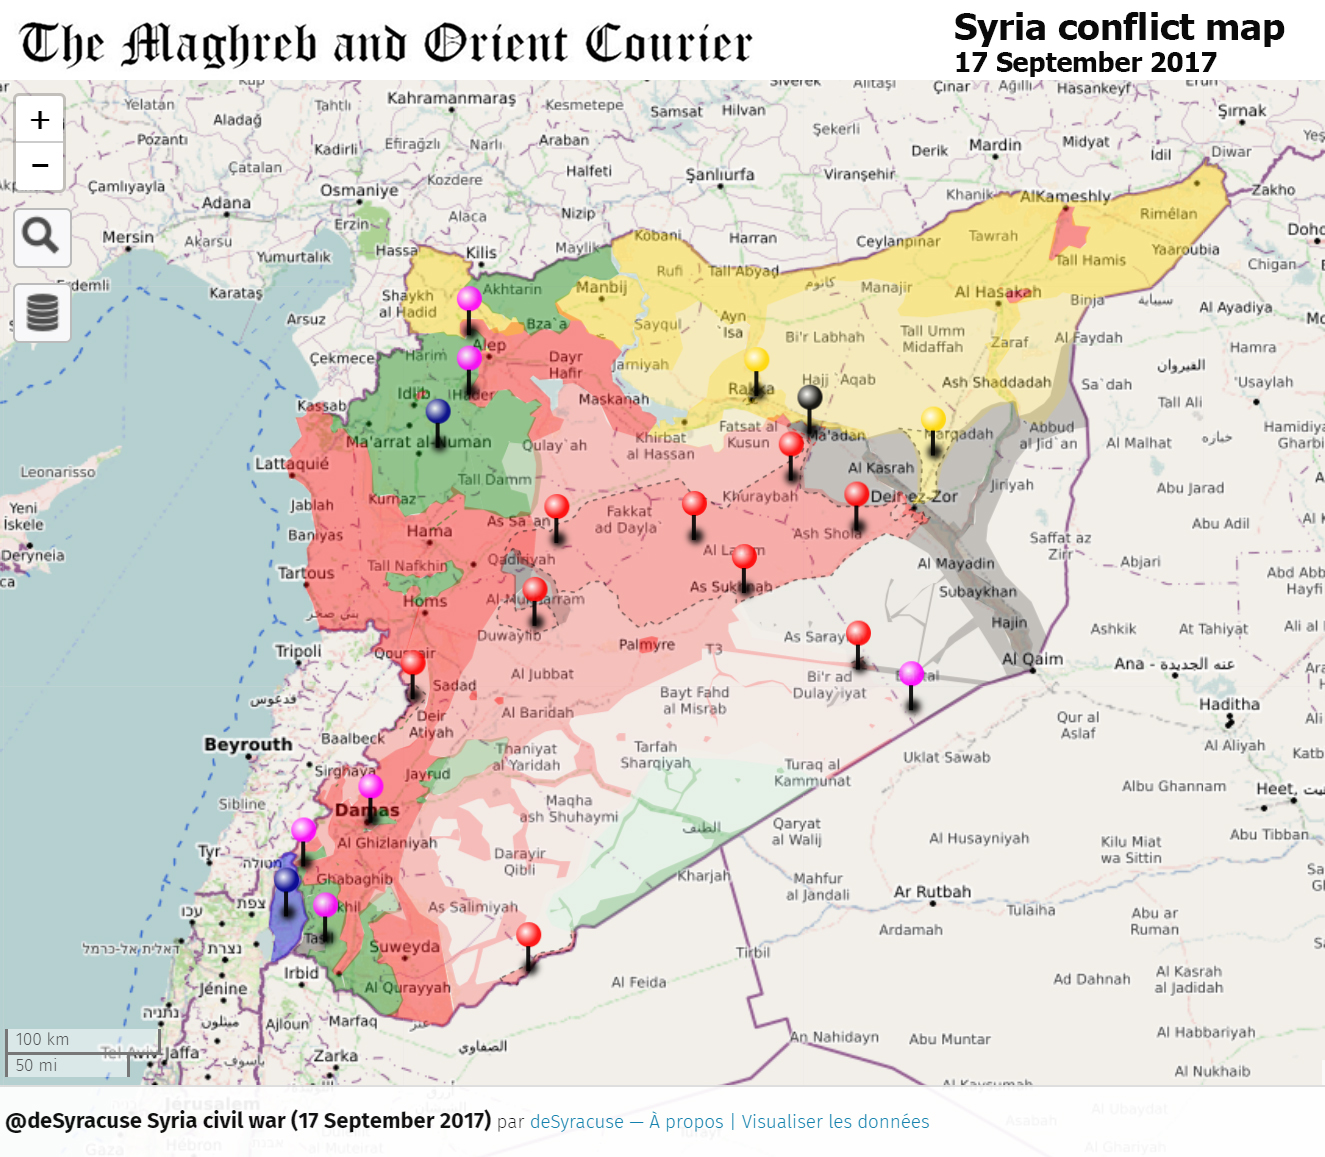 Situation en Syrie au 17 septembre 2017